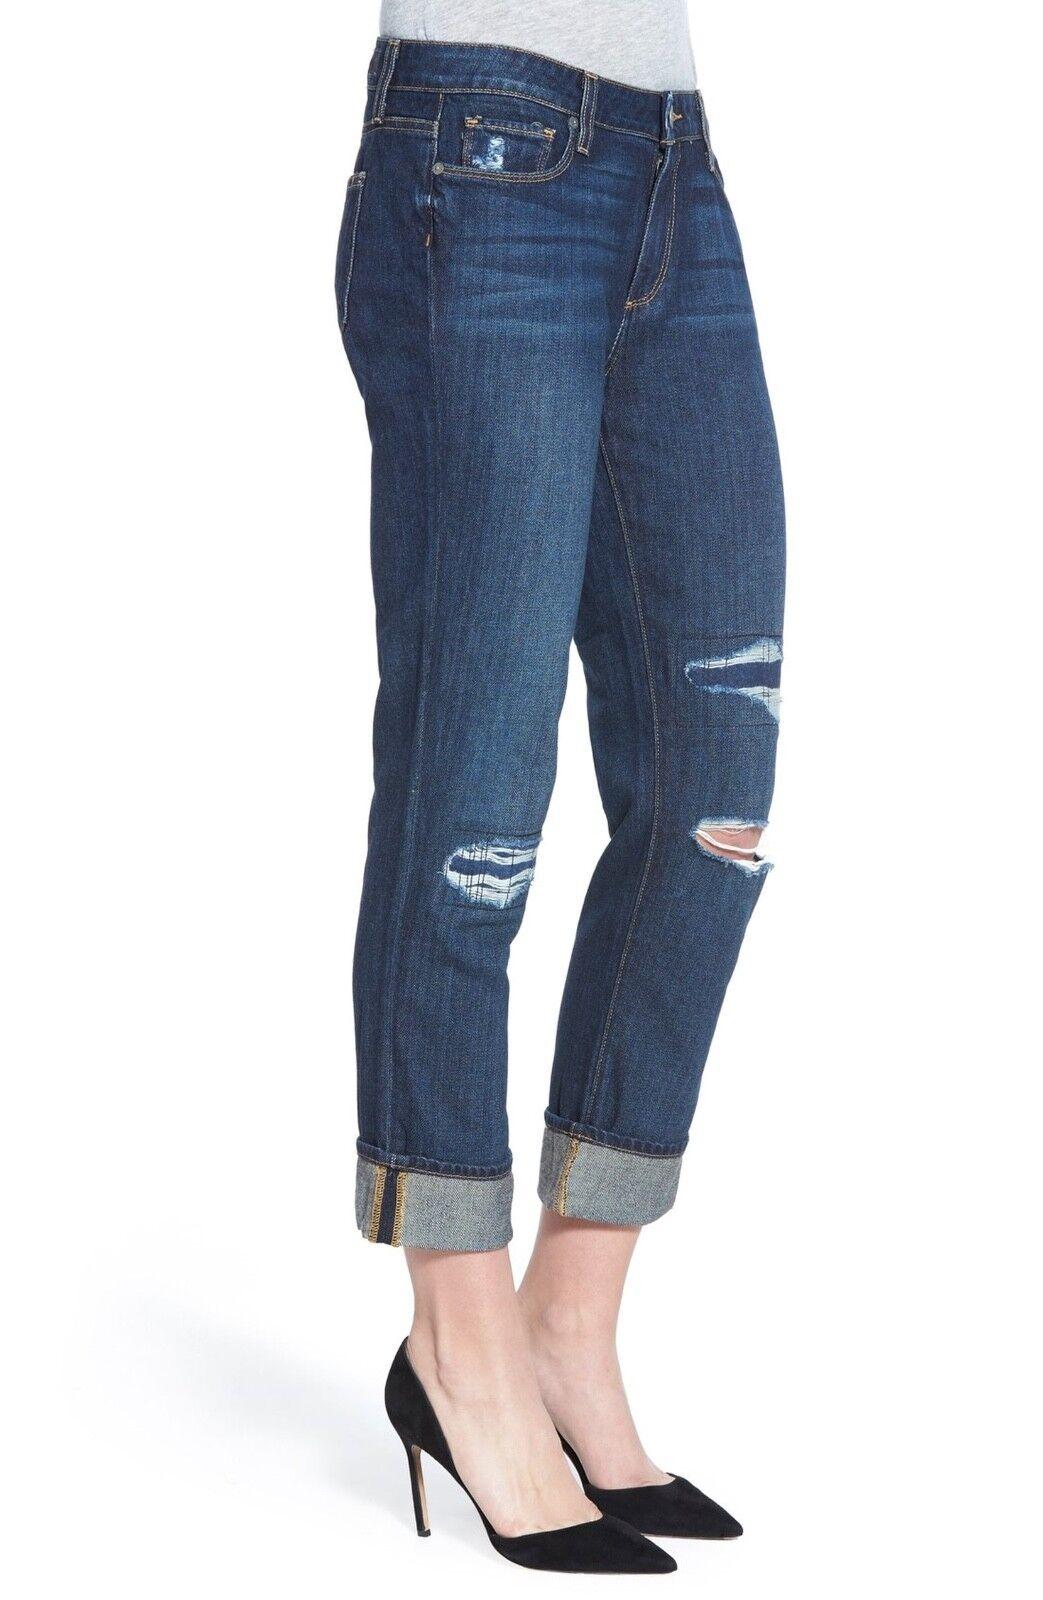 NWT Paige Anthropologie destructed boyfriend jeans sz 26 destroyed denim  250